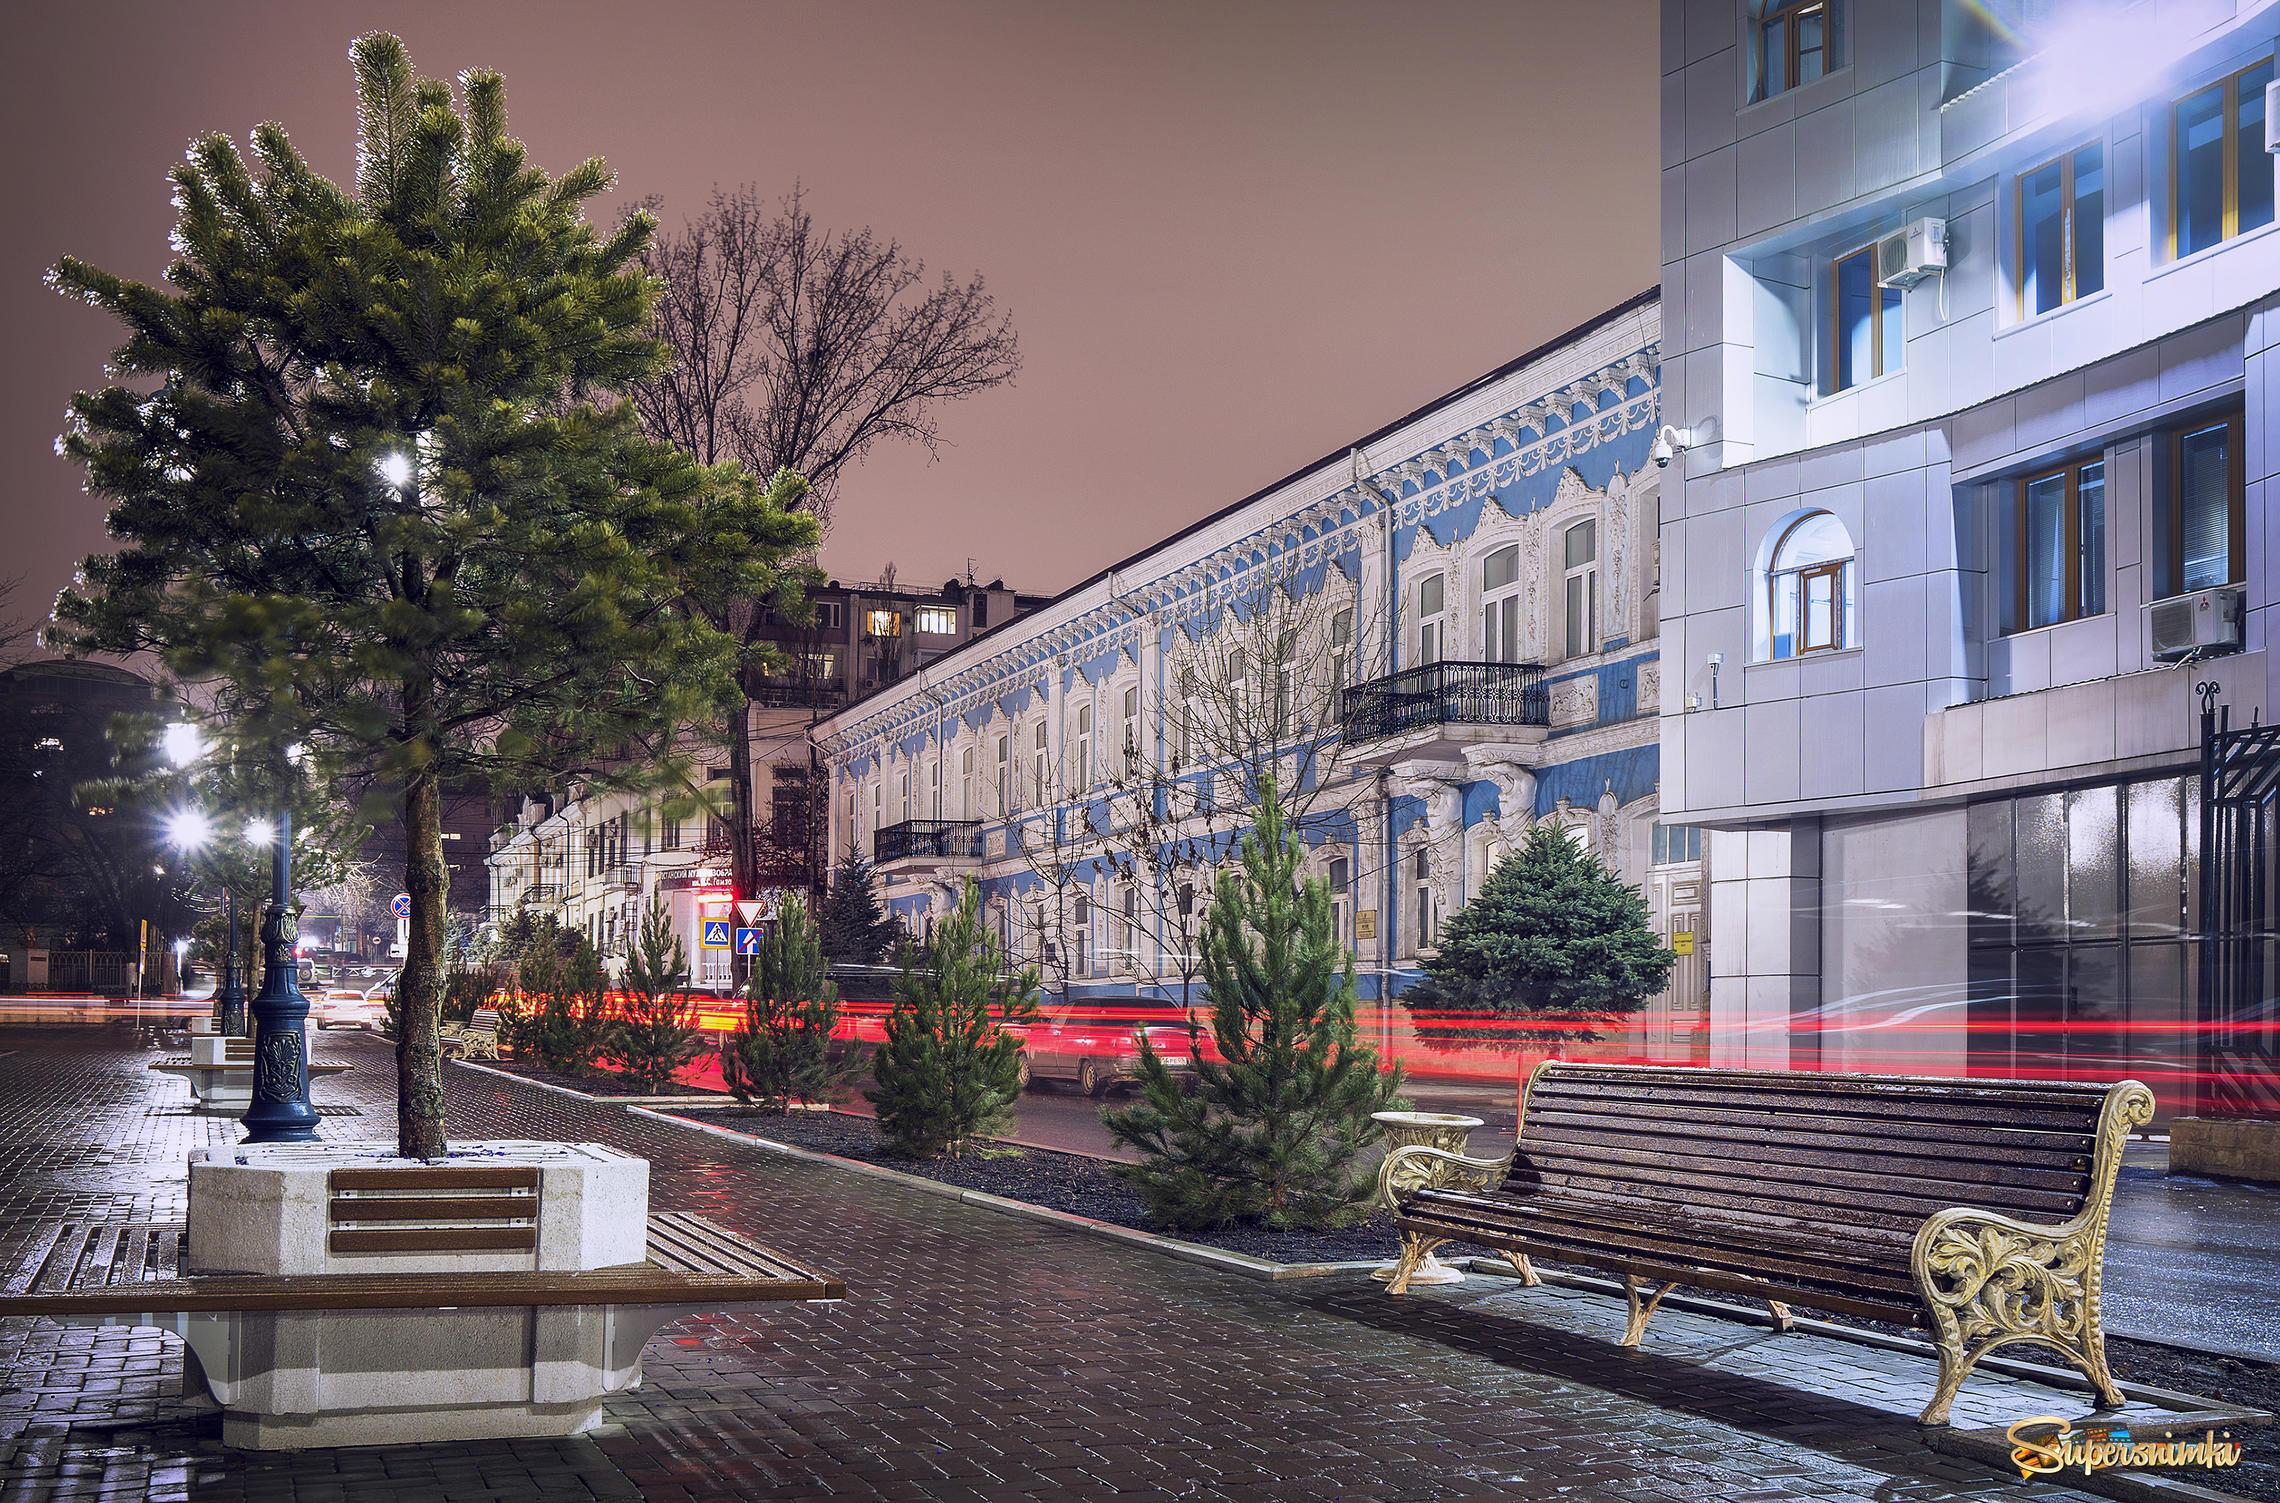 вуаль терминологии цветной бульвар москва фото изделия носят